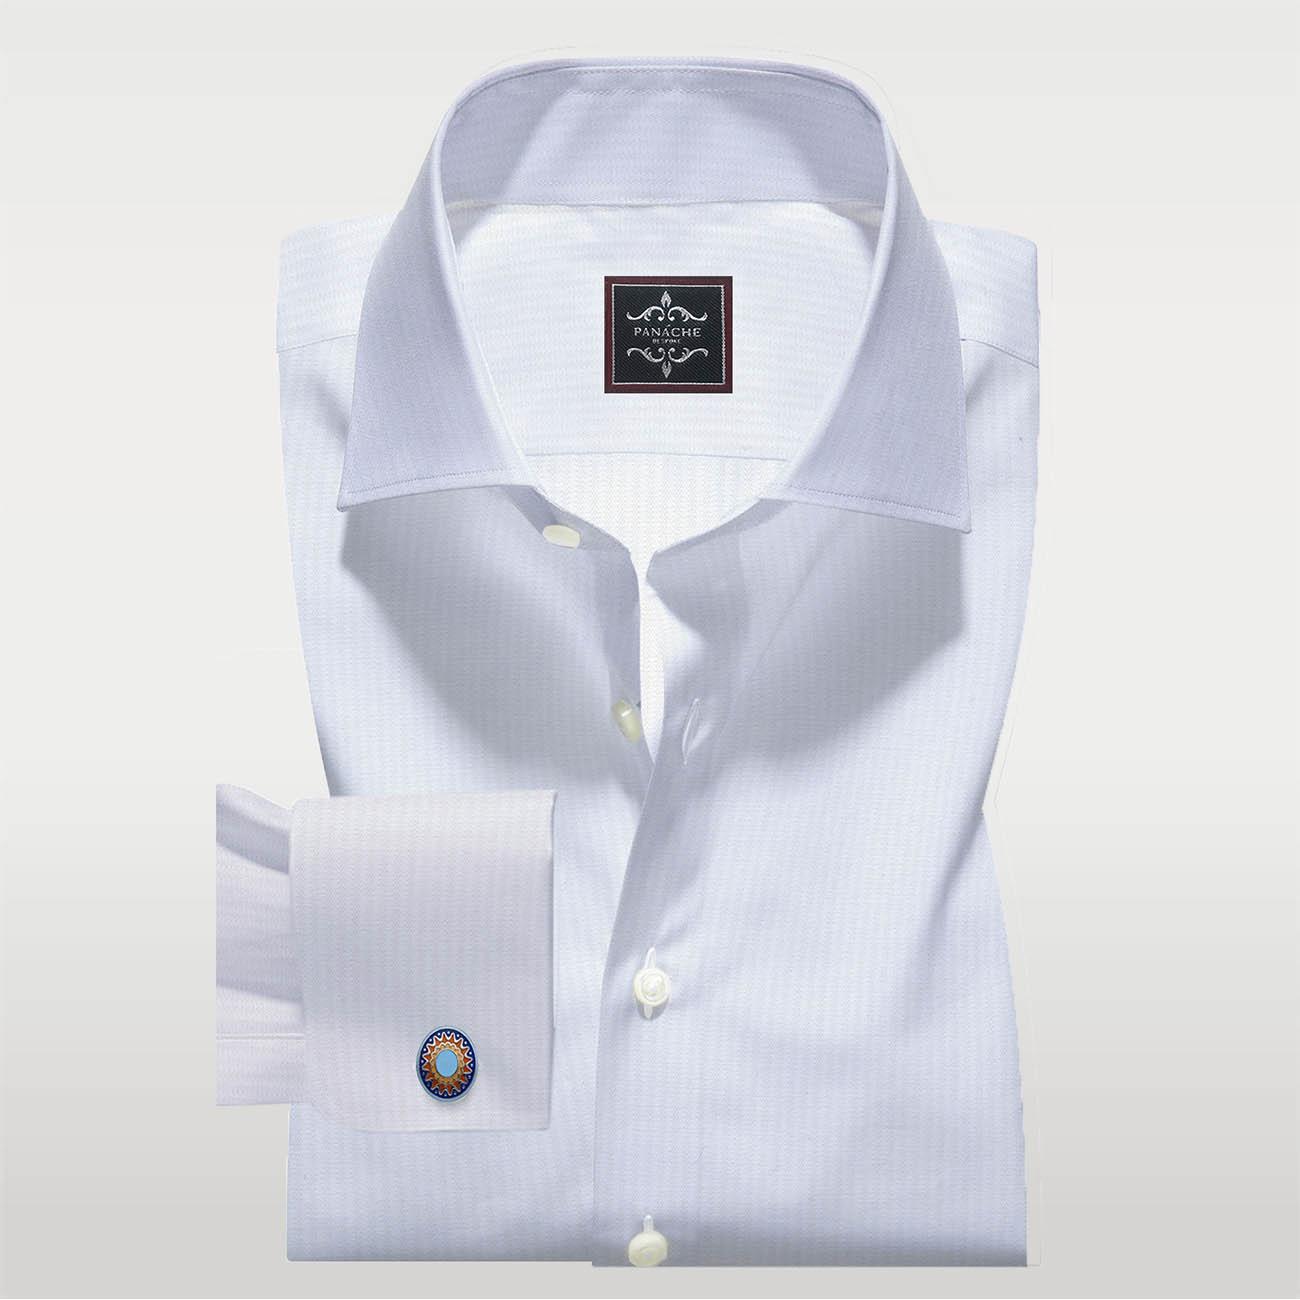 Luxury White Dobby Shirt